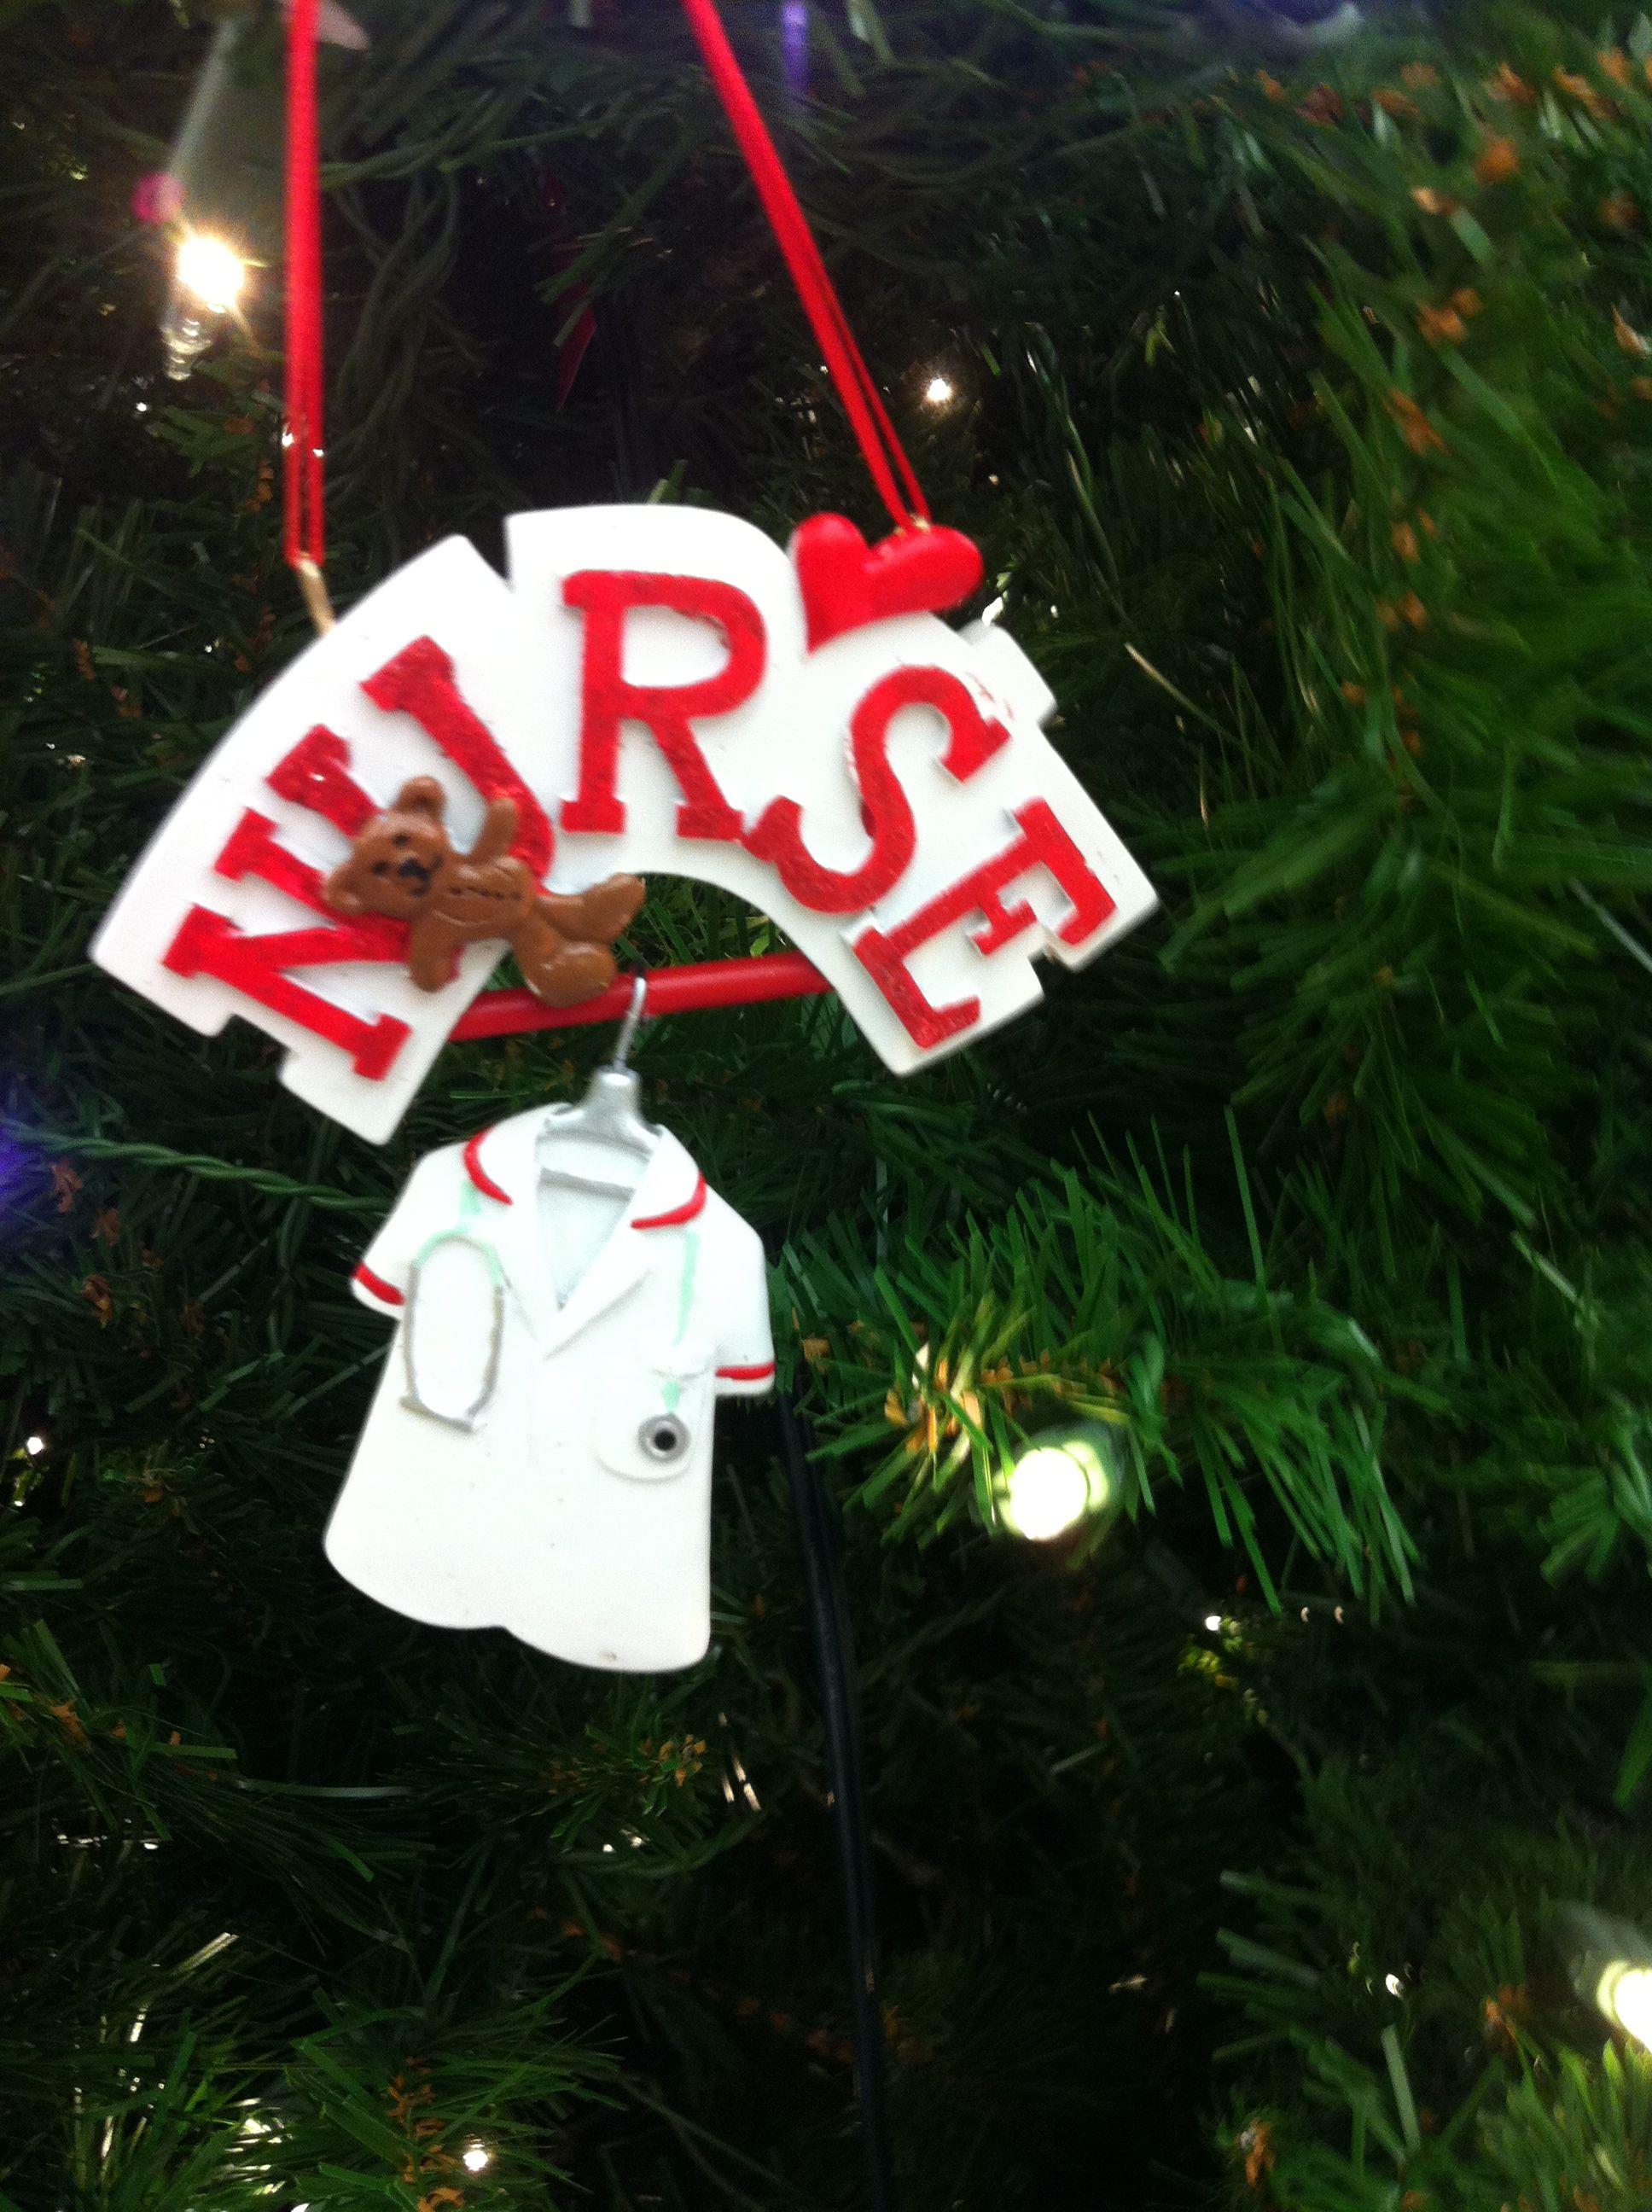 Hobby lobby glass ornaments - Ornament Found At Hobby Lobby